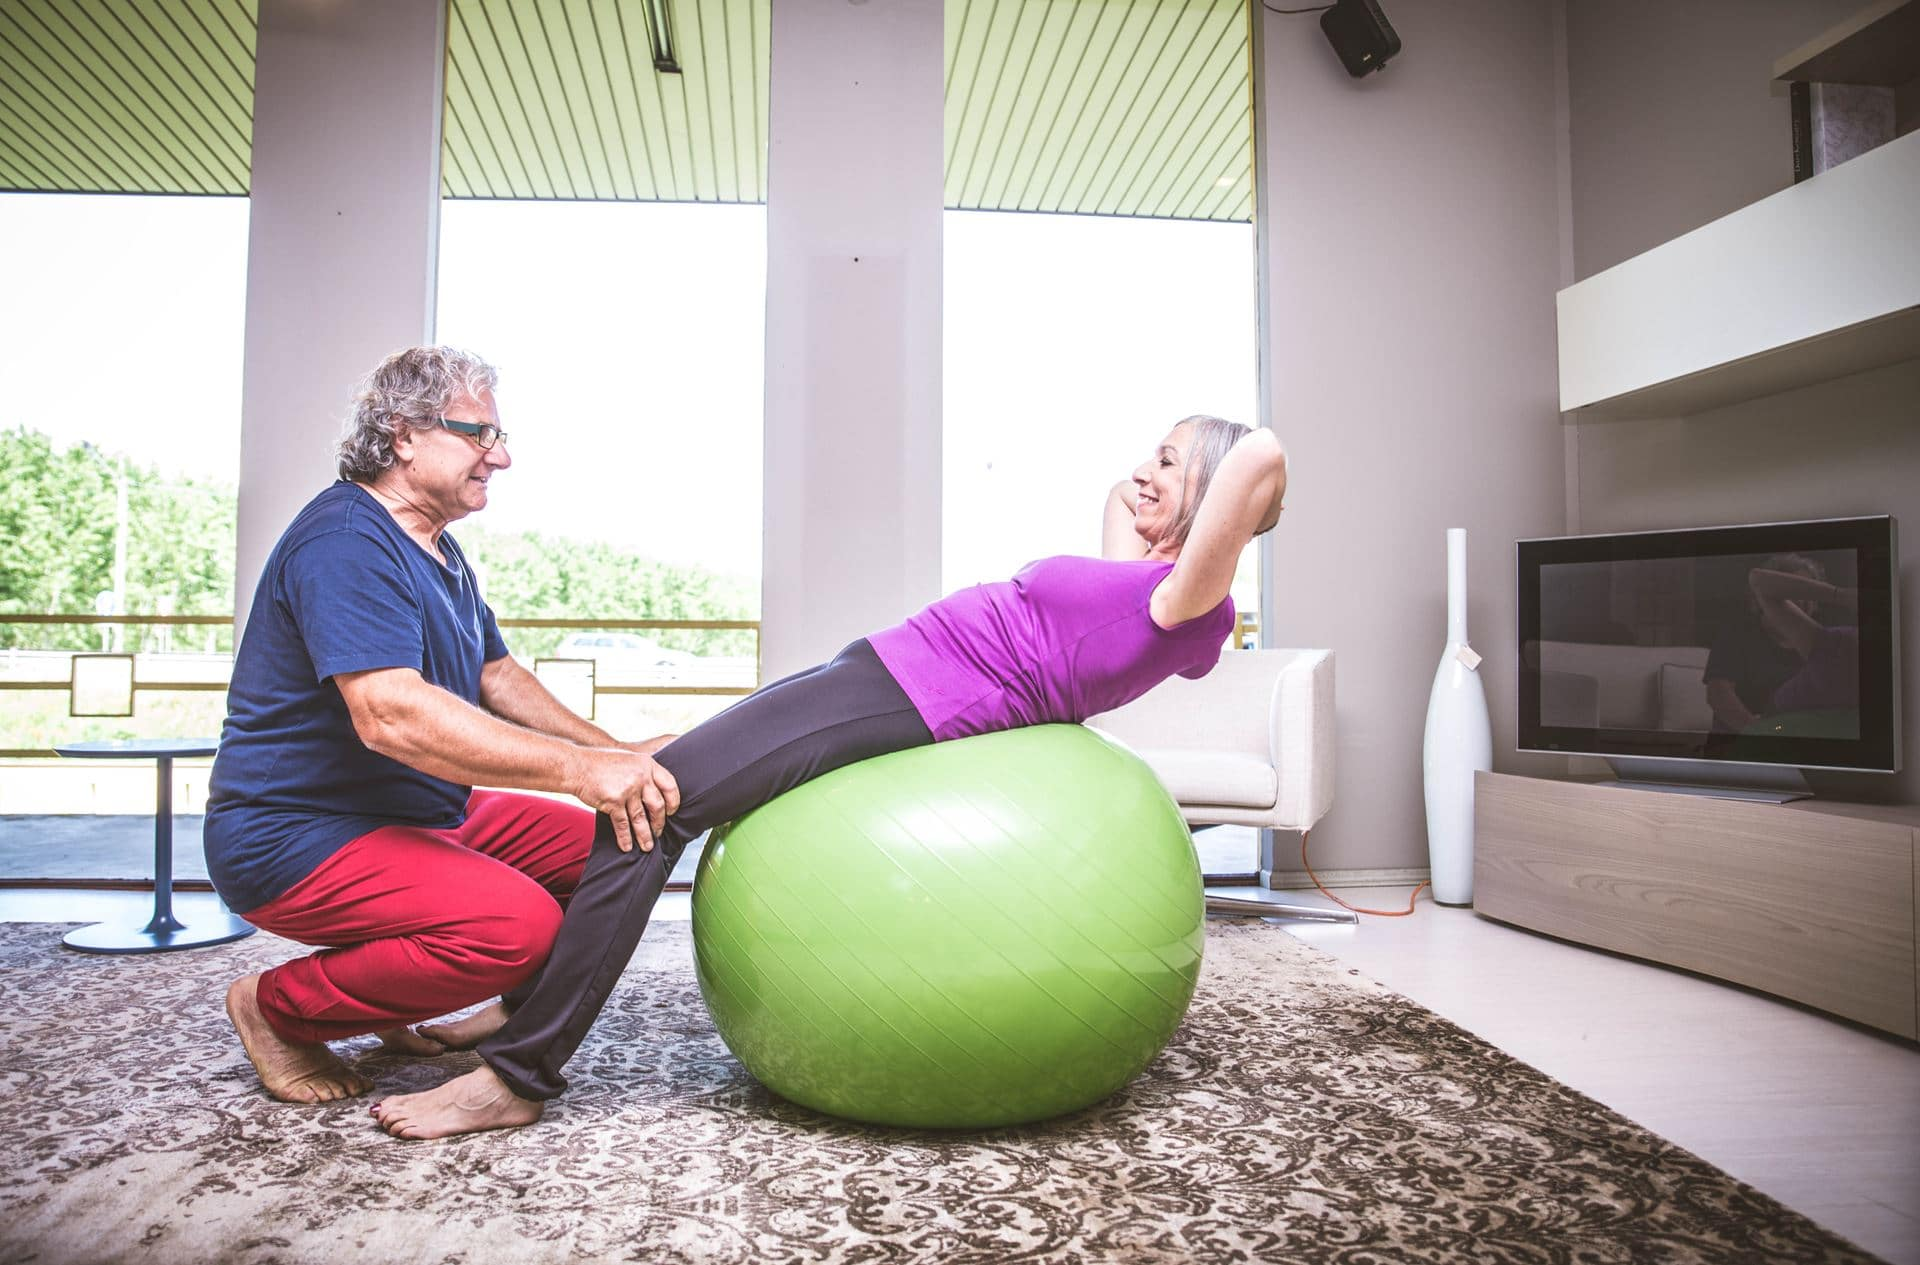 פיזיותרפיסט פרטי בבאר שבע - Restart Therapy שיקום פרטי בבית הלקוח